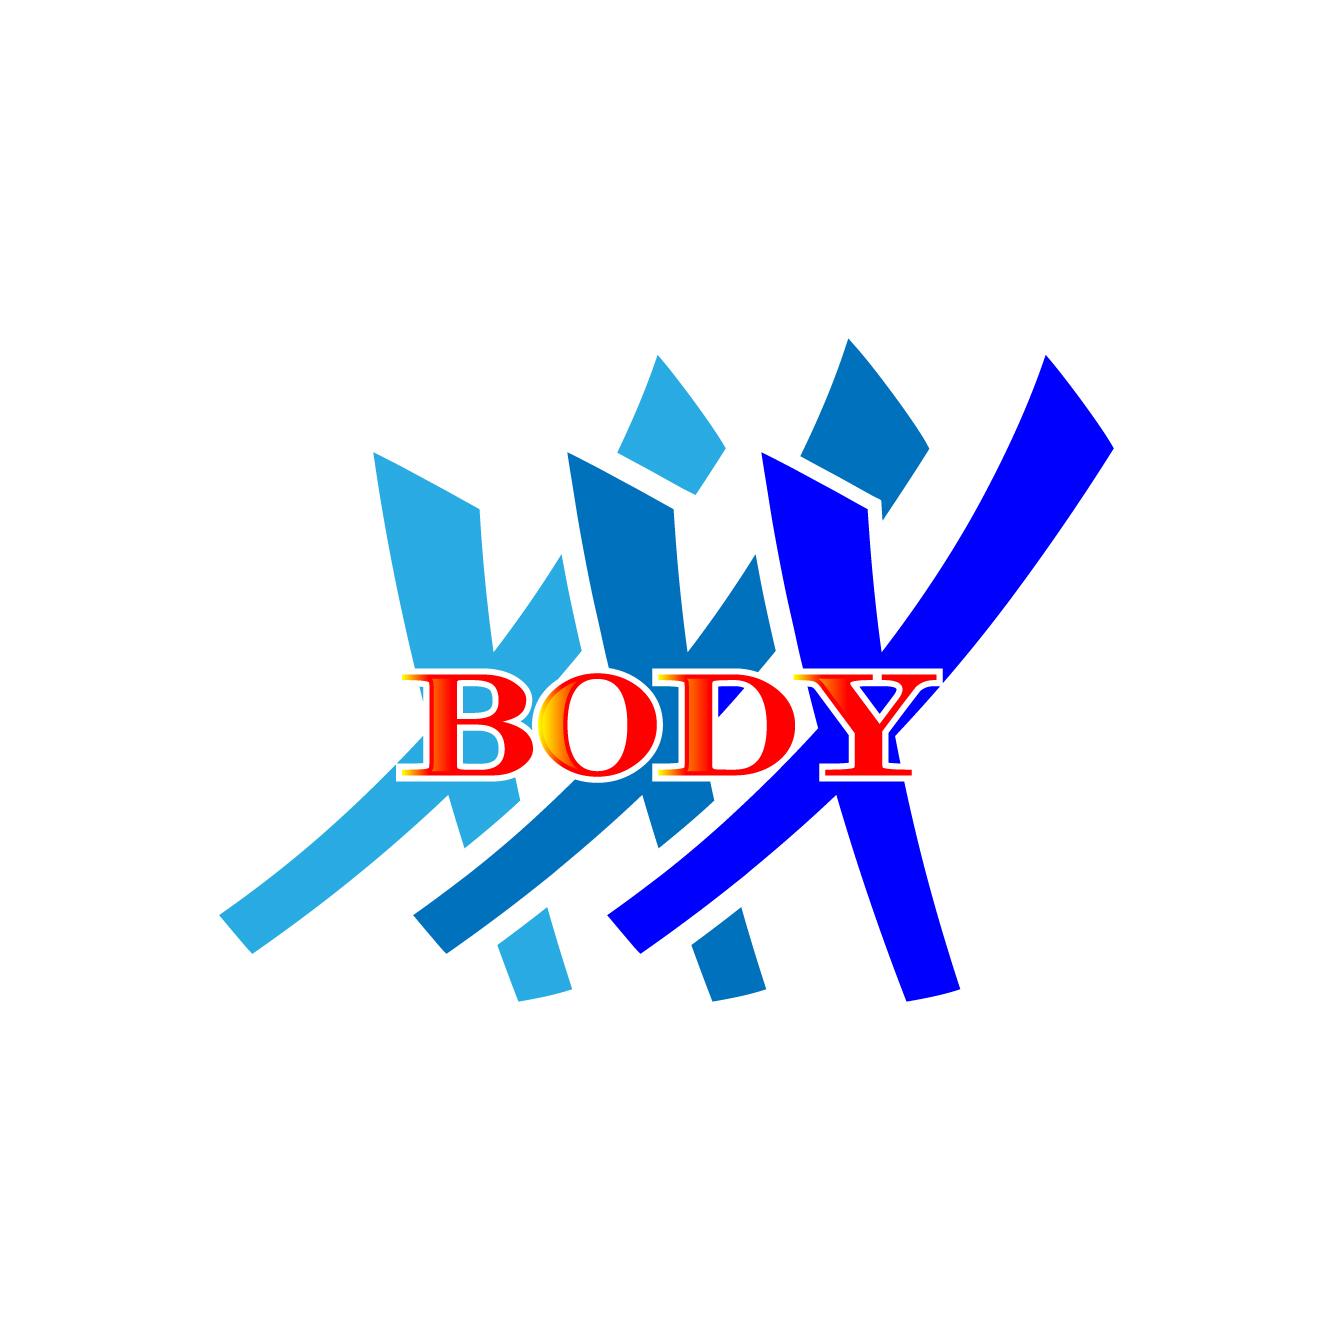 Разработка логотипа (видеоблог для моделей) фото f_9855b1feee882099.jpg